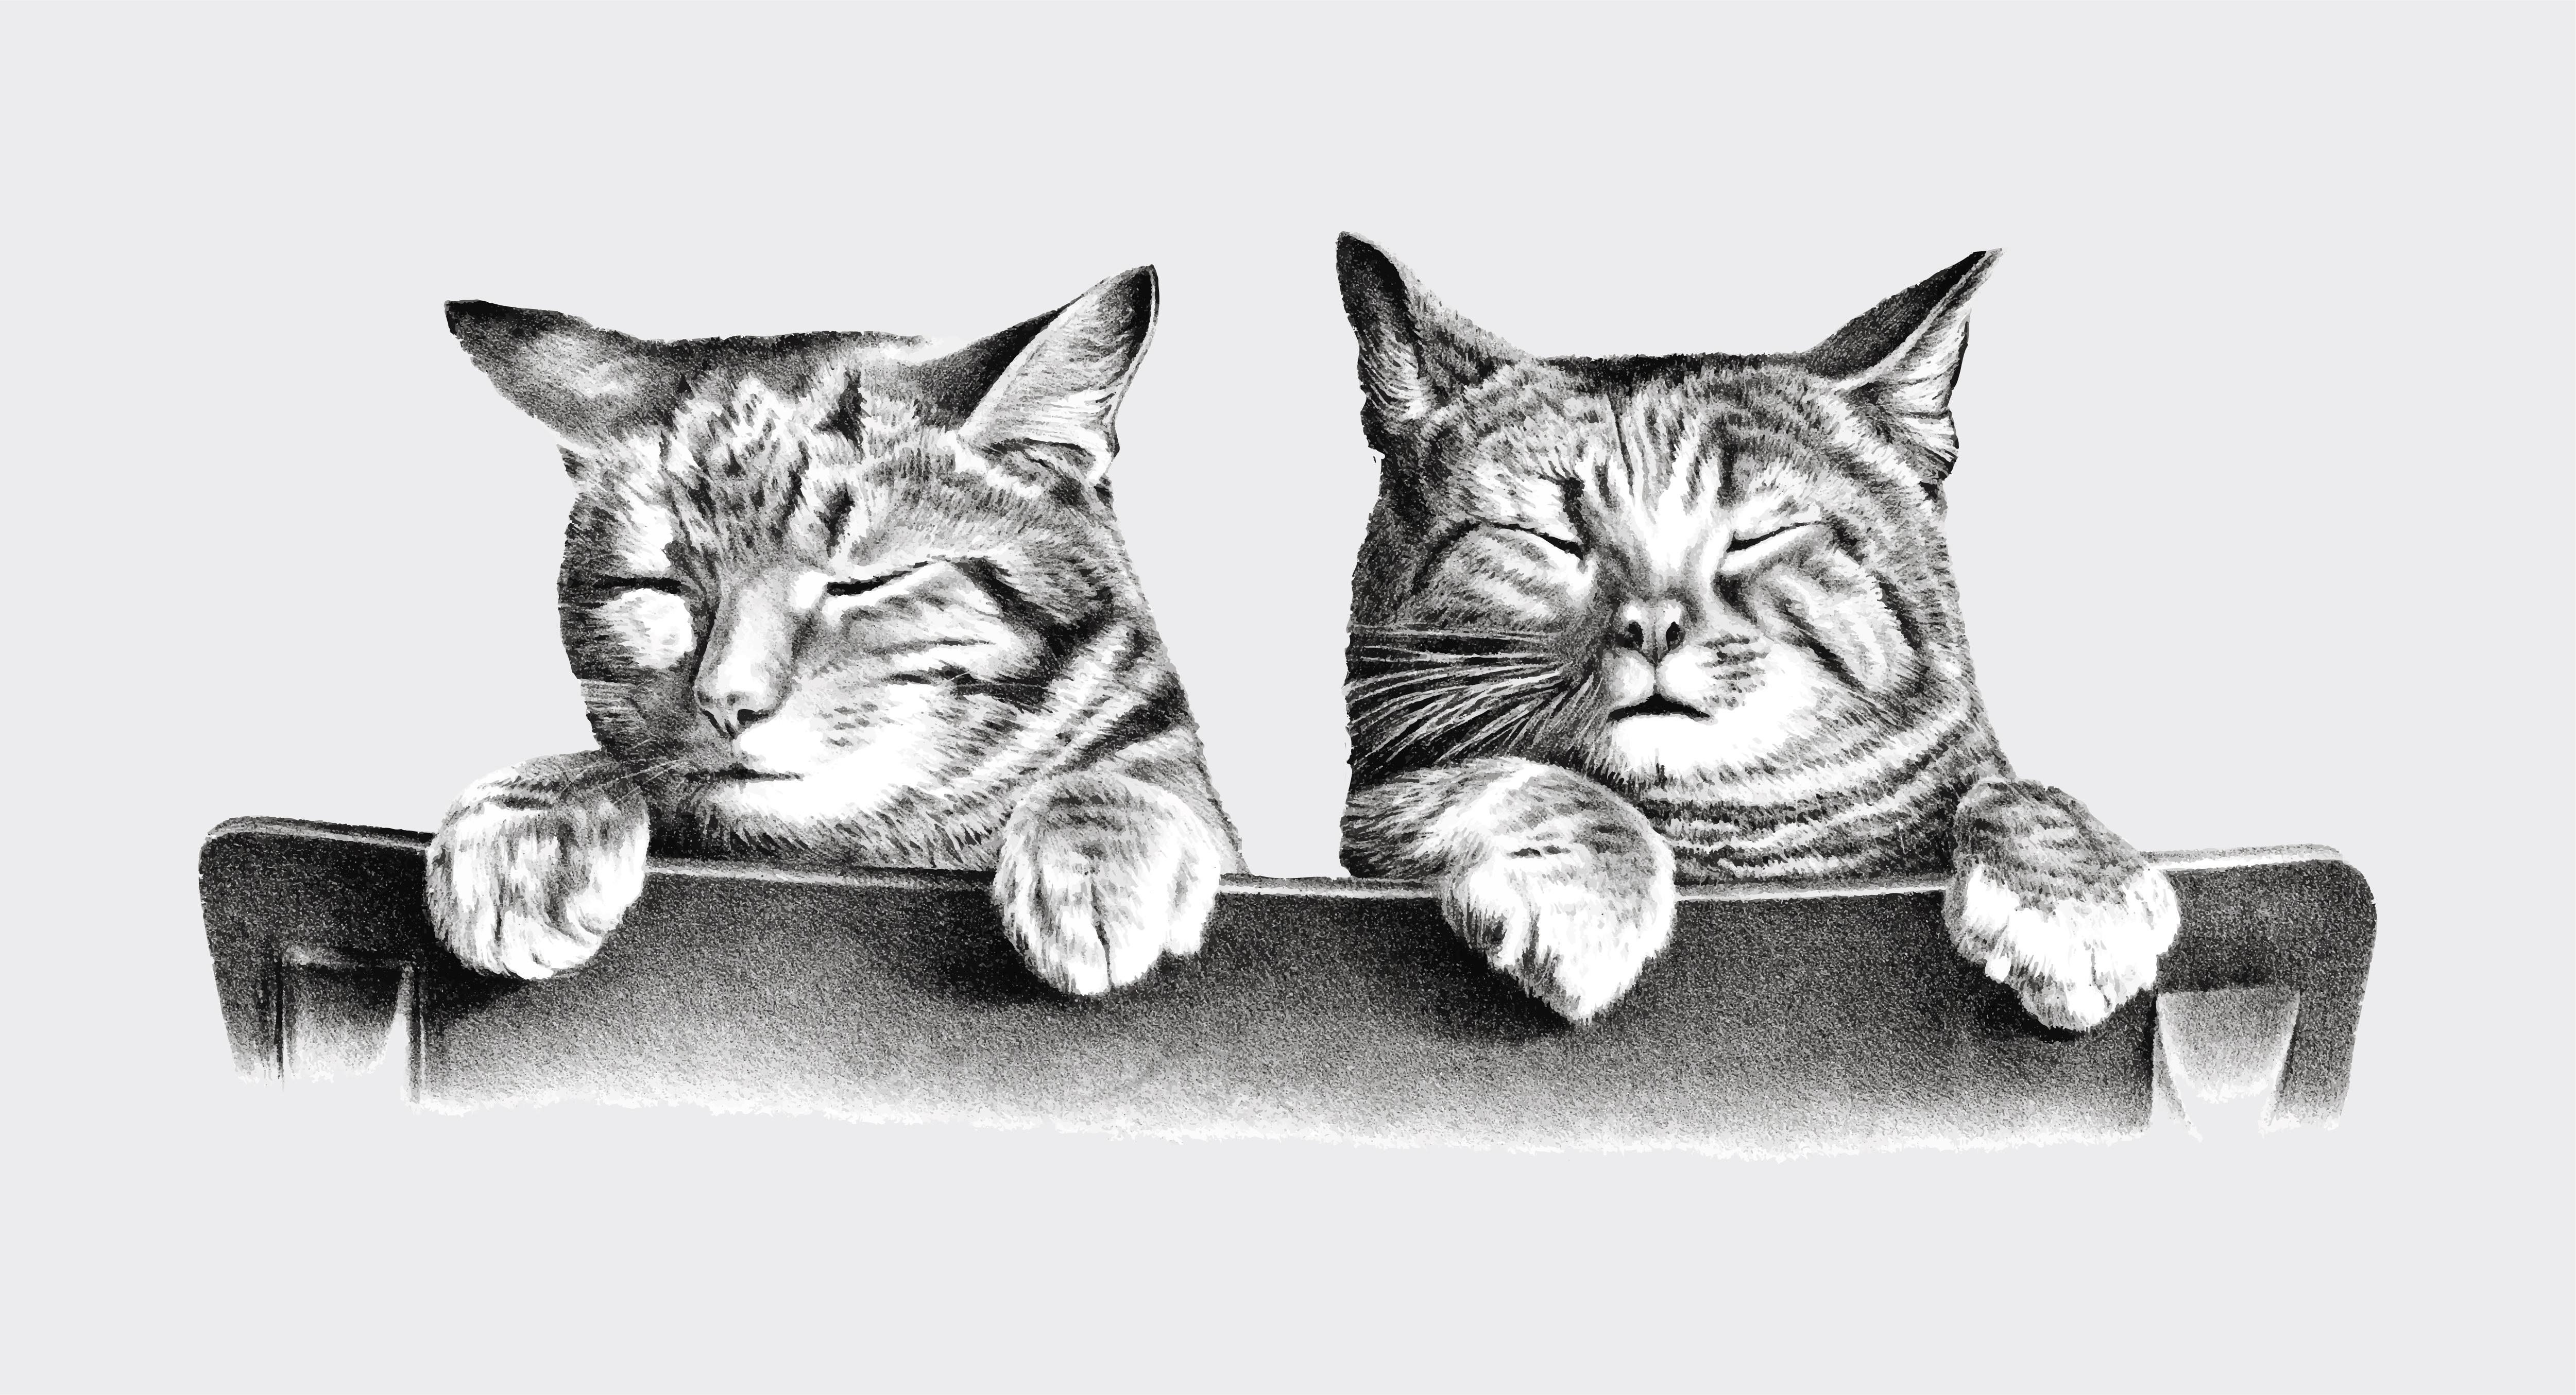 упражнения картинки для декупажа котики черно белые как большую часть